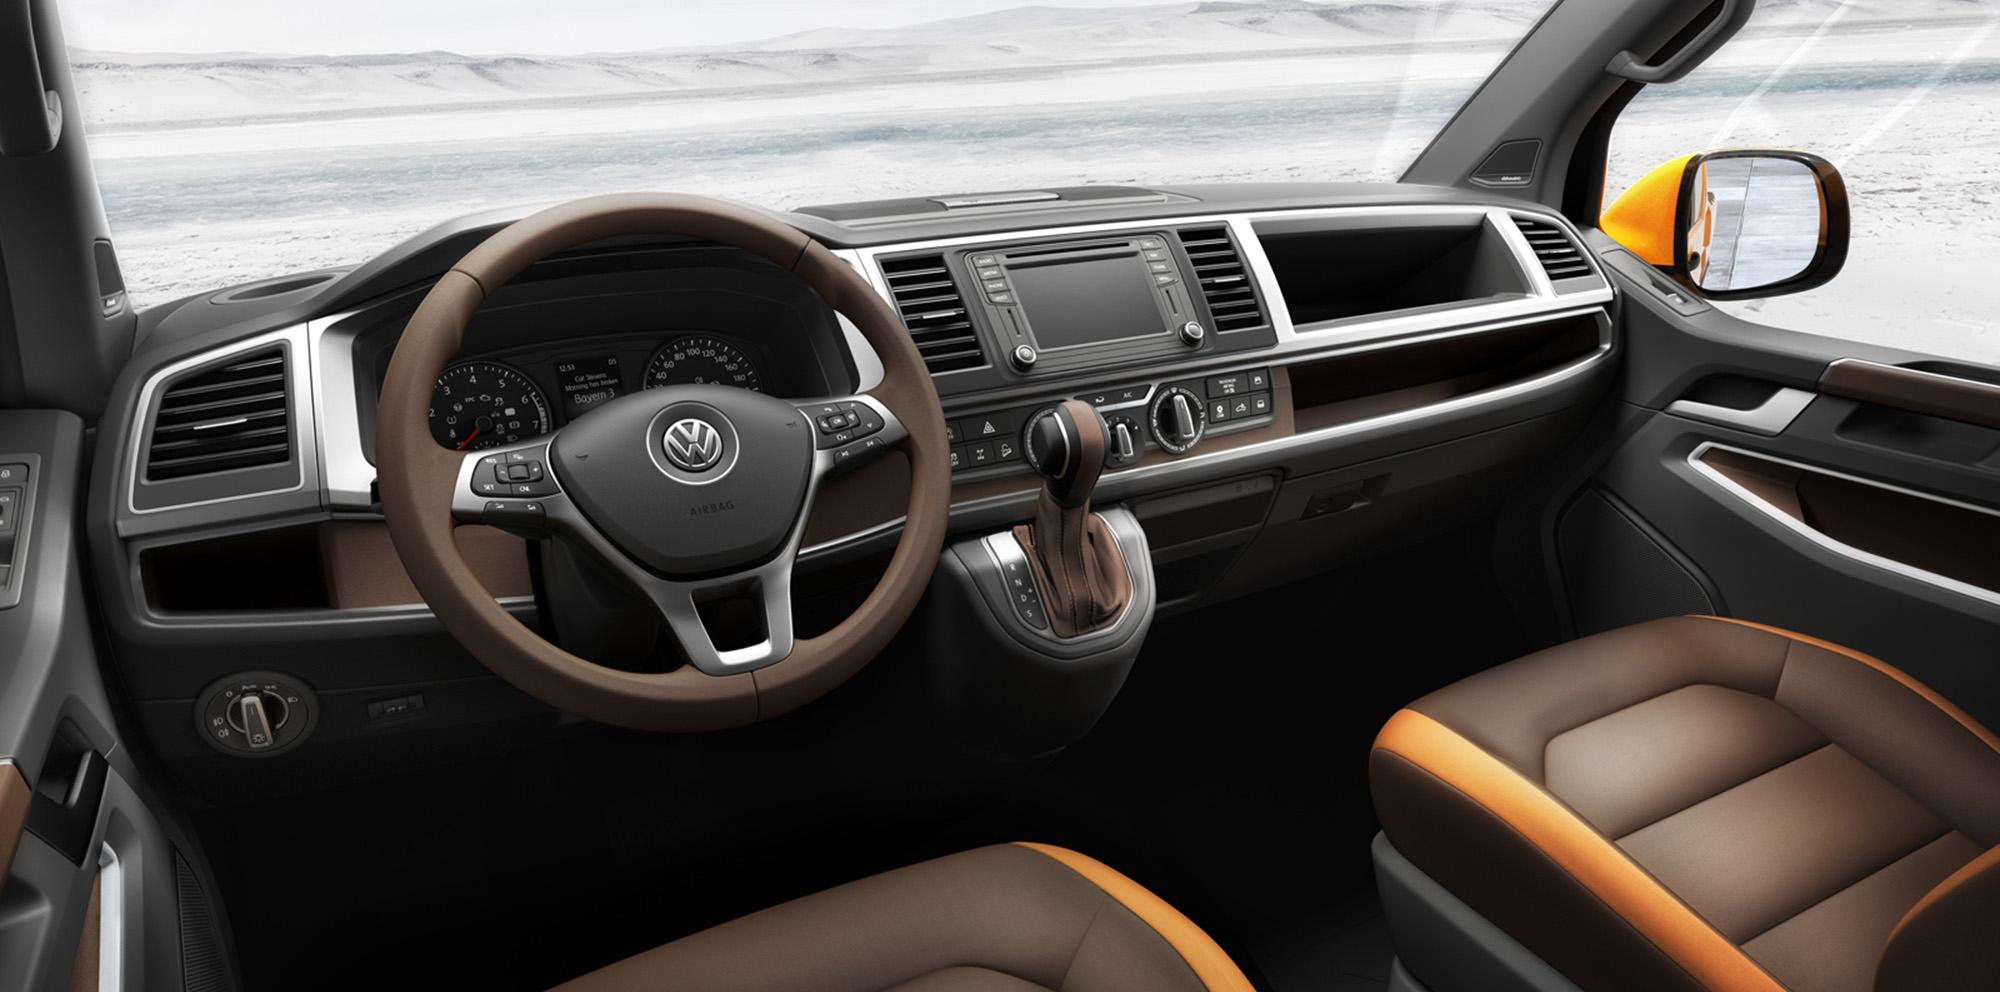 Next-gen Volkswagen Transporter teased ahead of April 16 unveiling ...